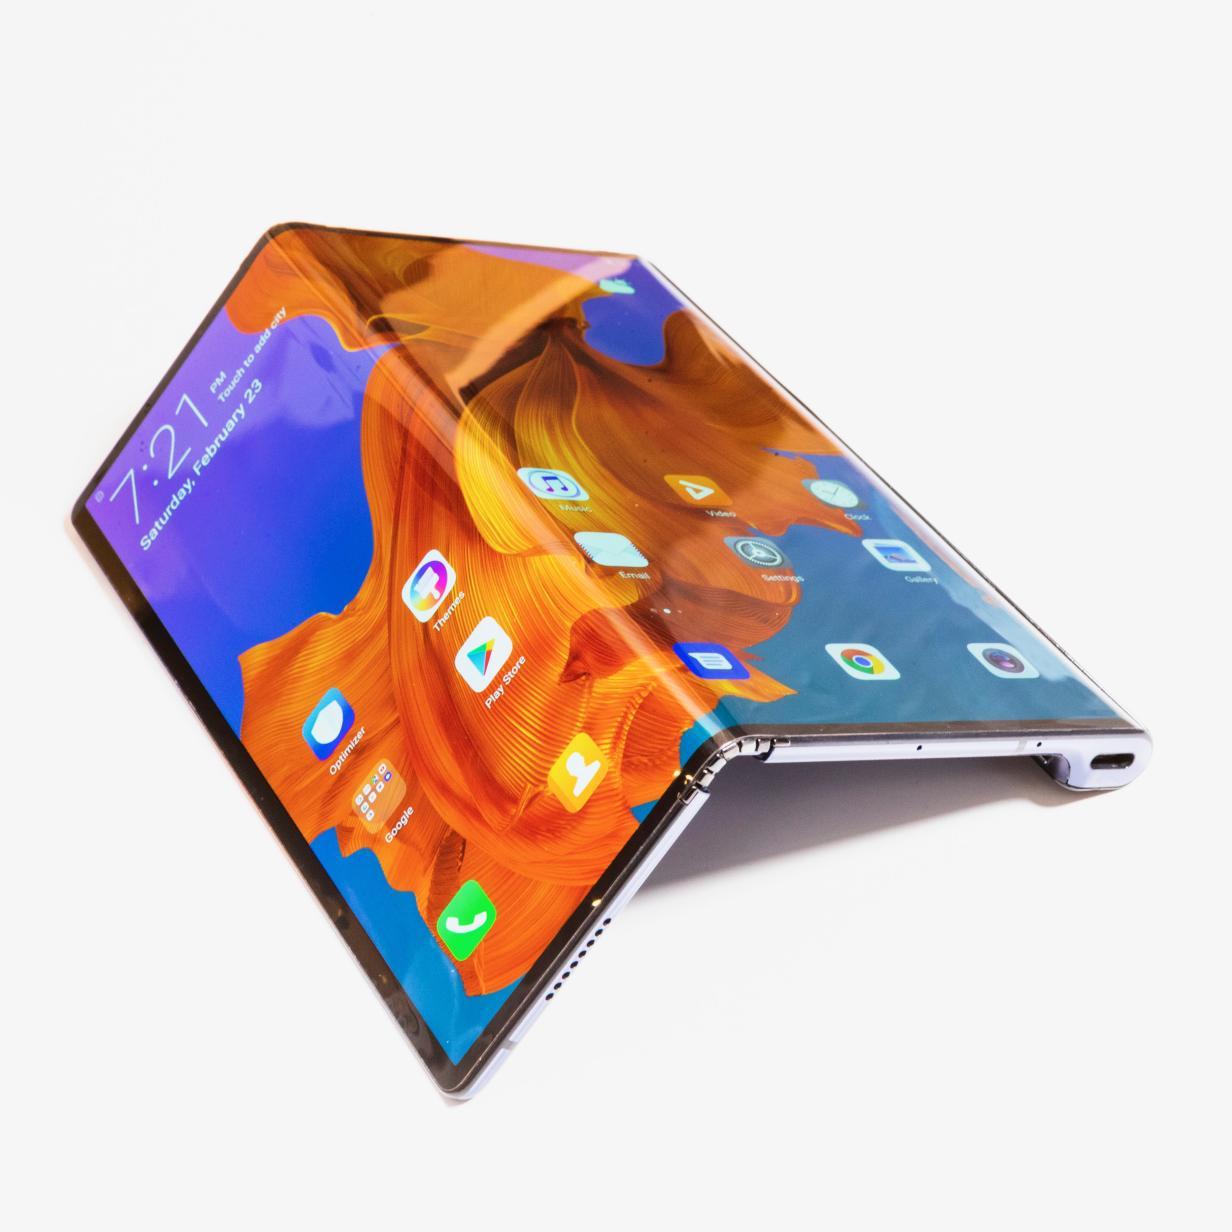 Huawei verschiebt erneut das Falt-Smartphone Mate X